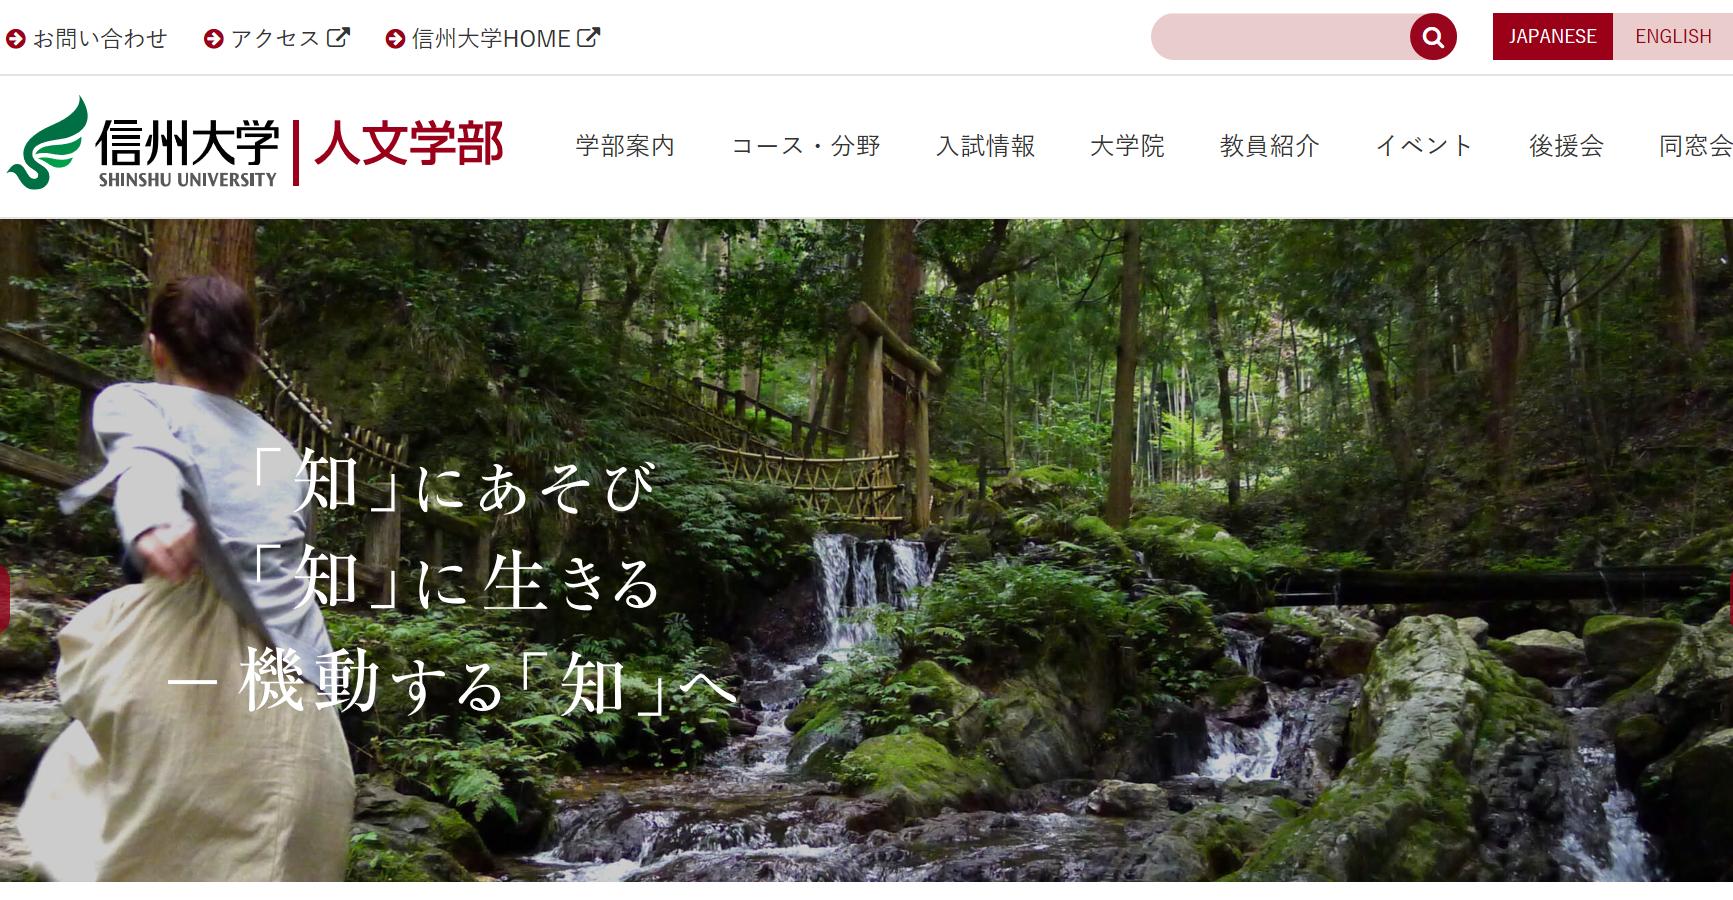 信州大学の評判・口コミ【人文学部編】